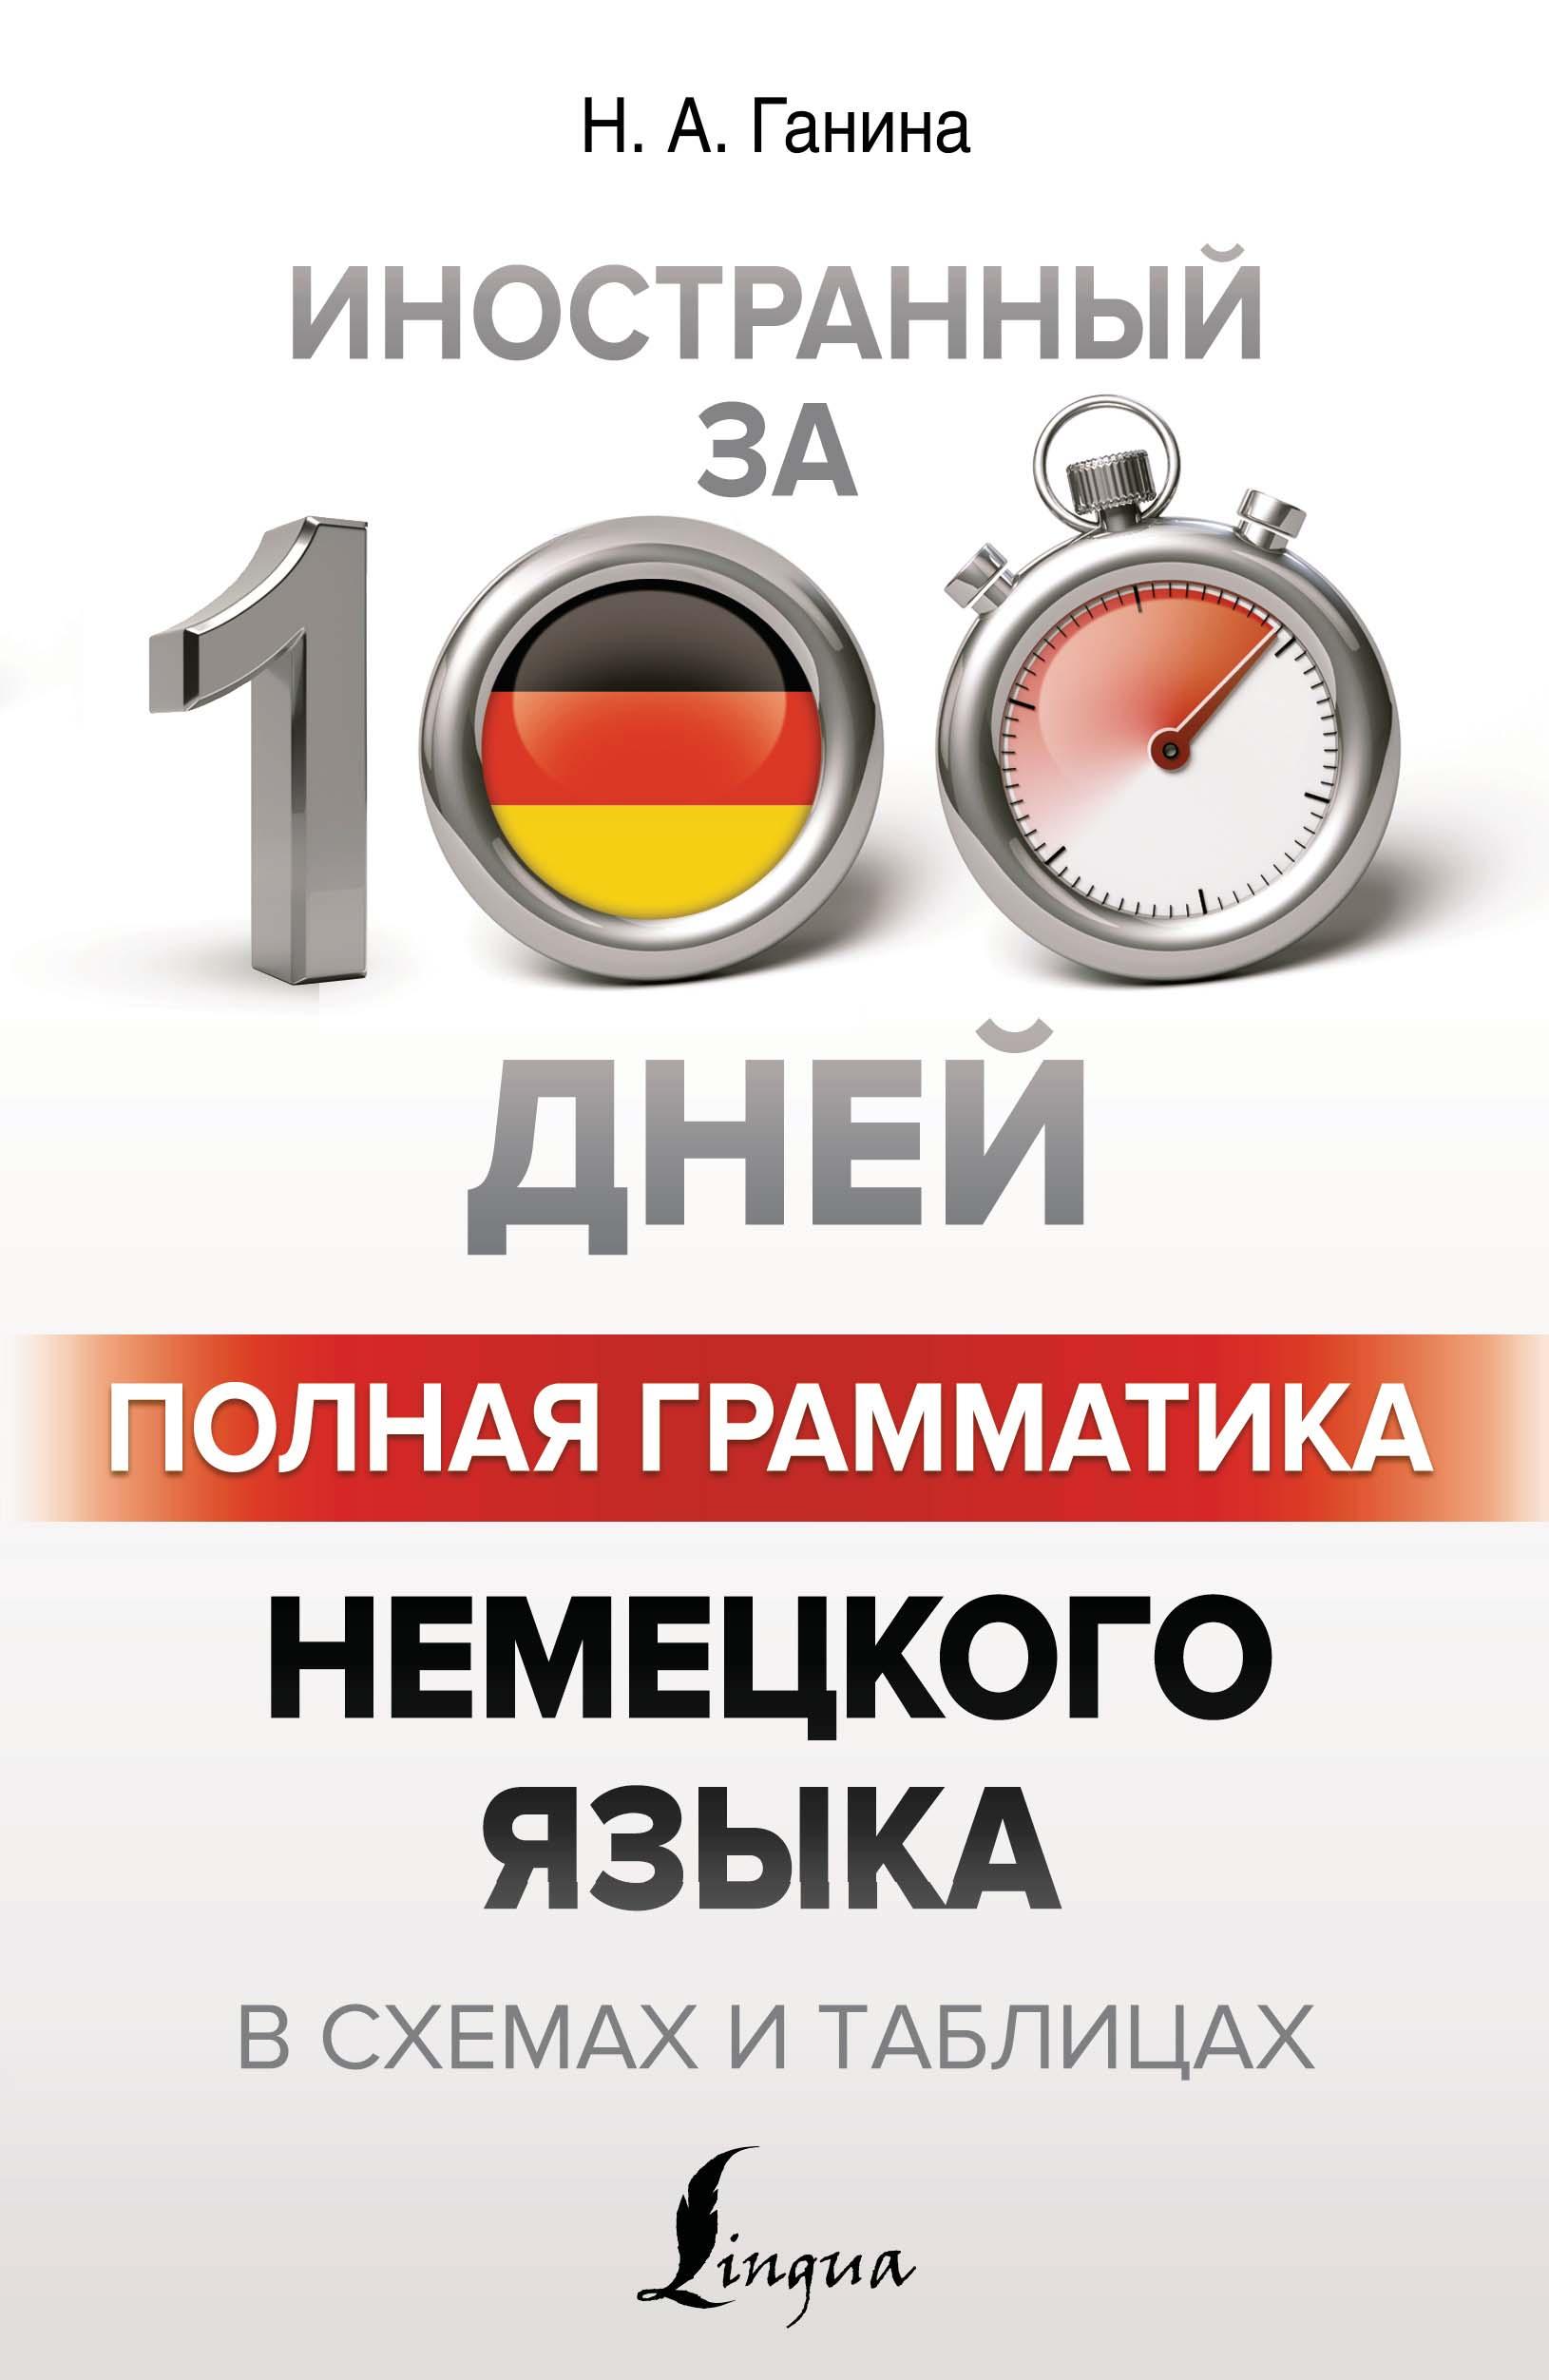 Н. А. Ганина Все правила немецкого языка в схемах и таблицах: справочник по грамматике